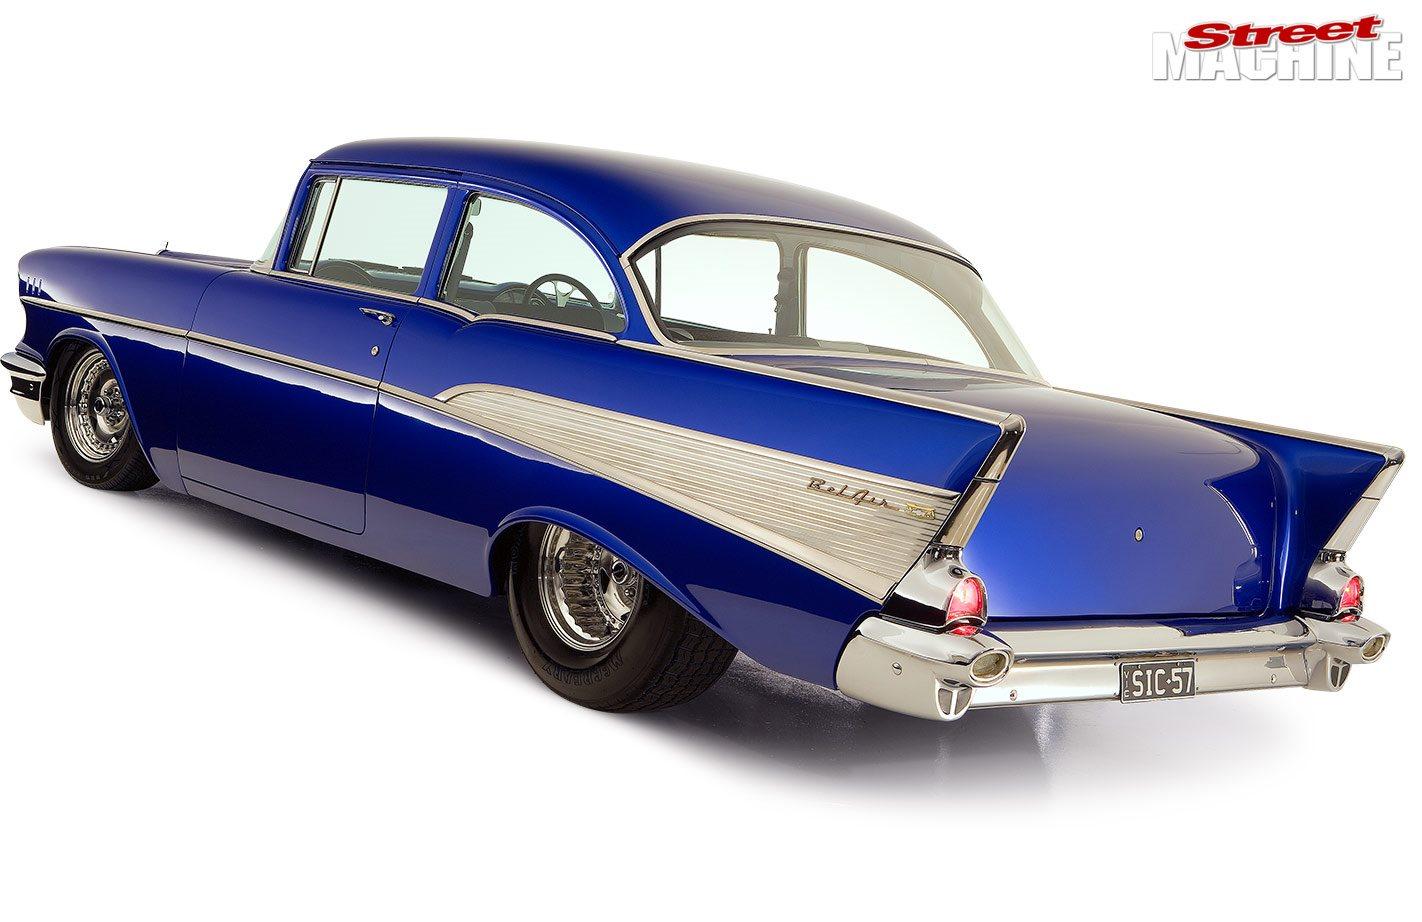 Blown Big Block 1957 Chevrolet Bel Air Two Door